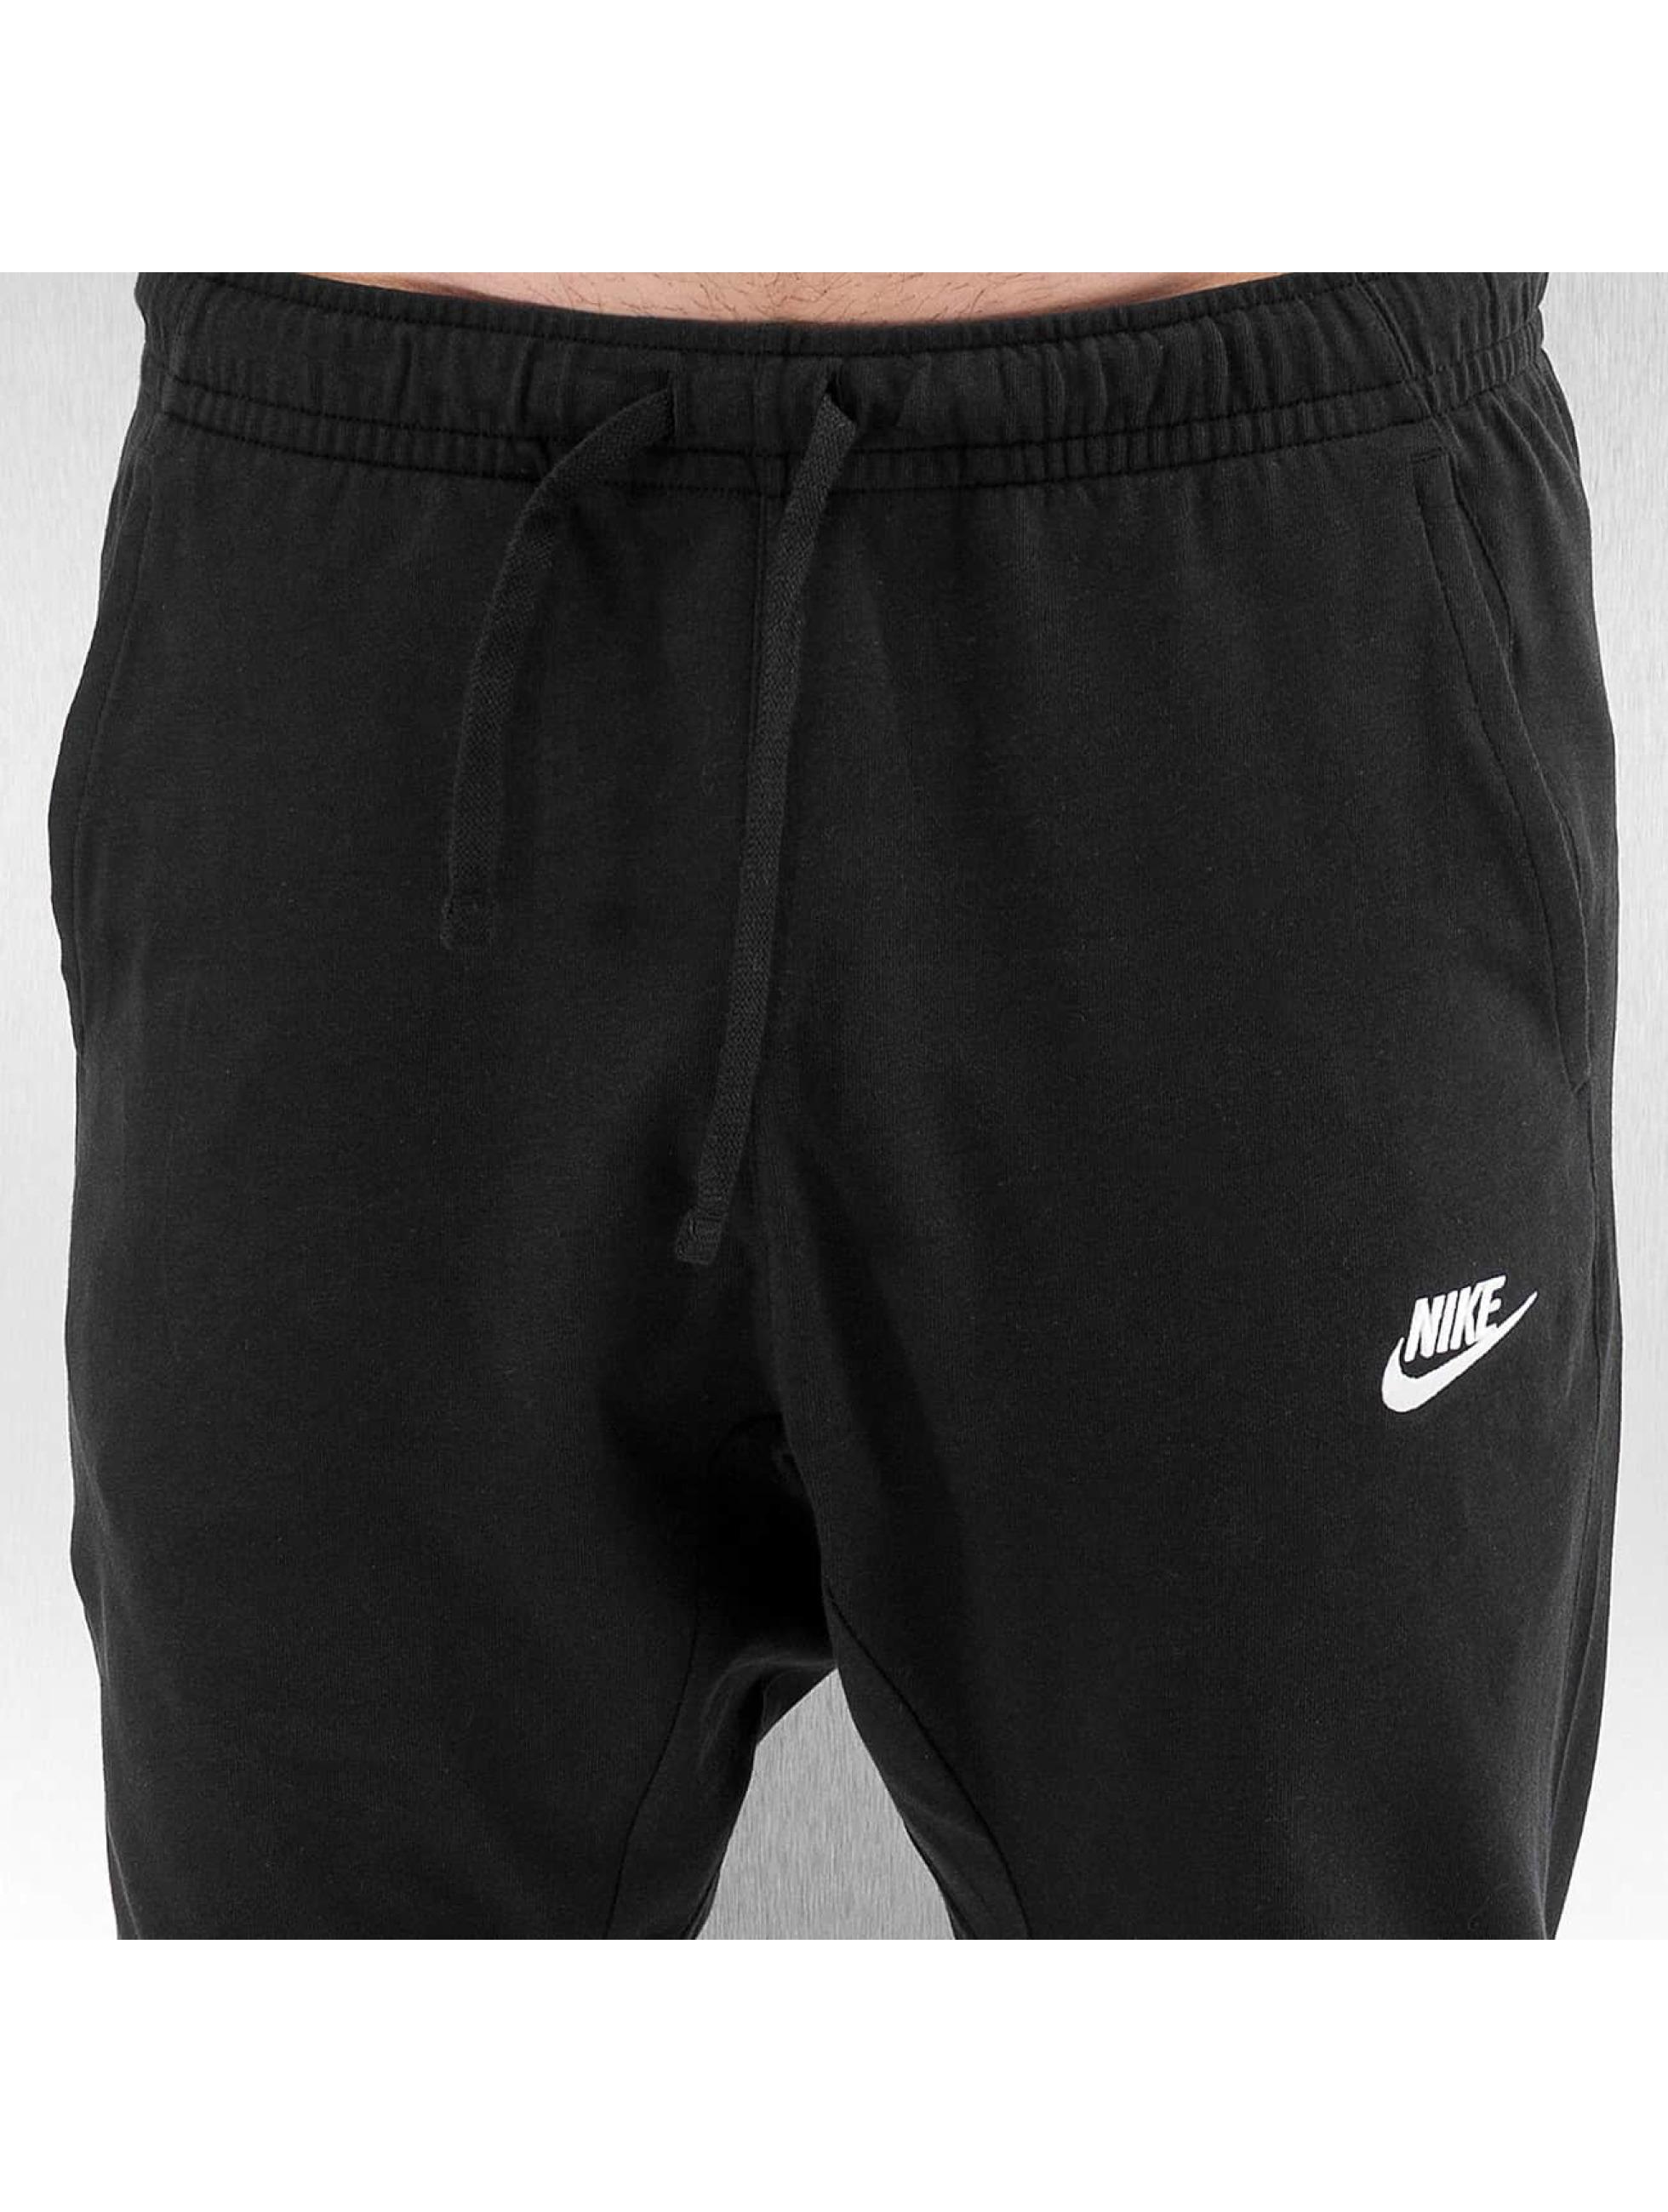 Nike Jogginghose Sportswear schwarz